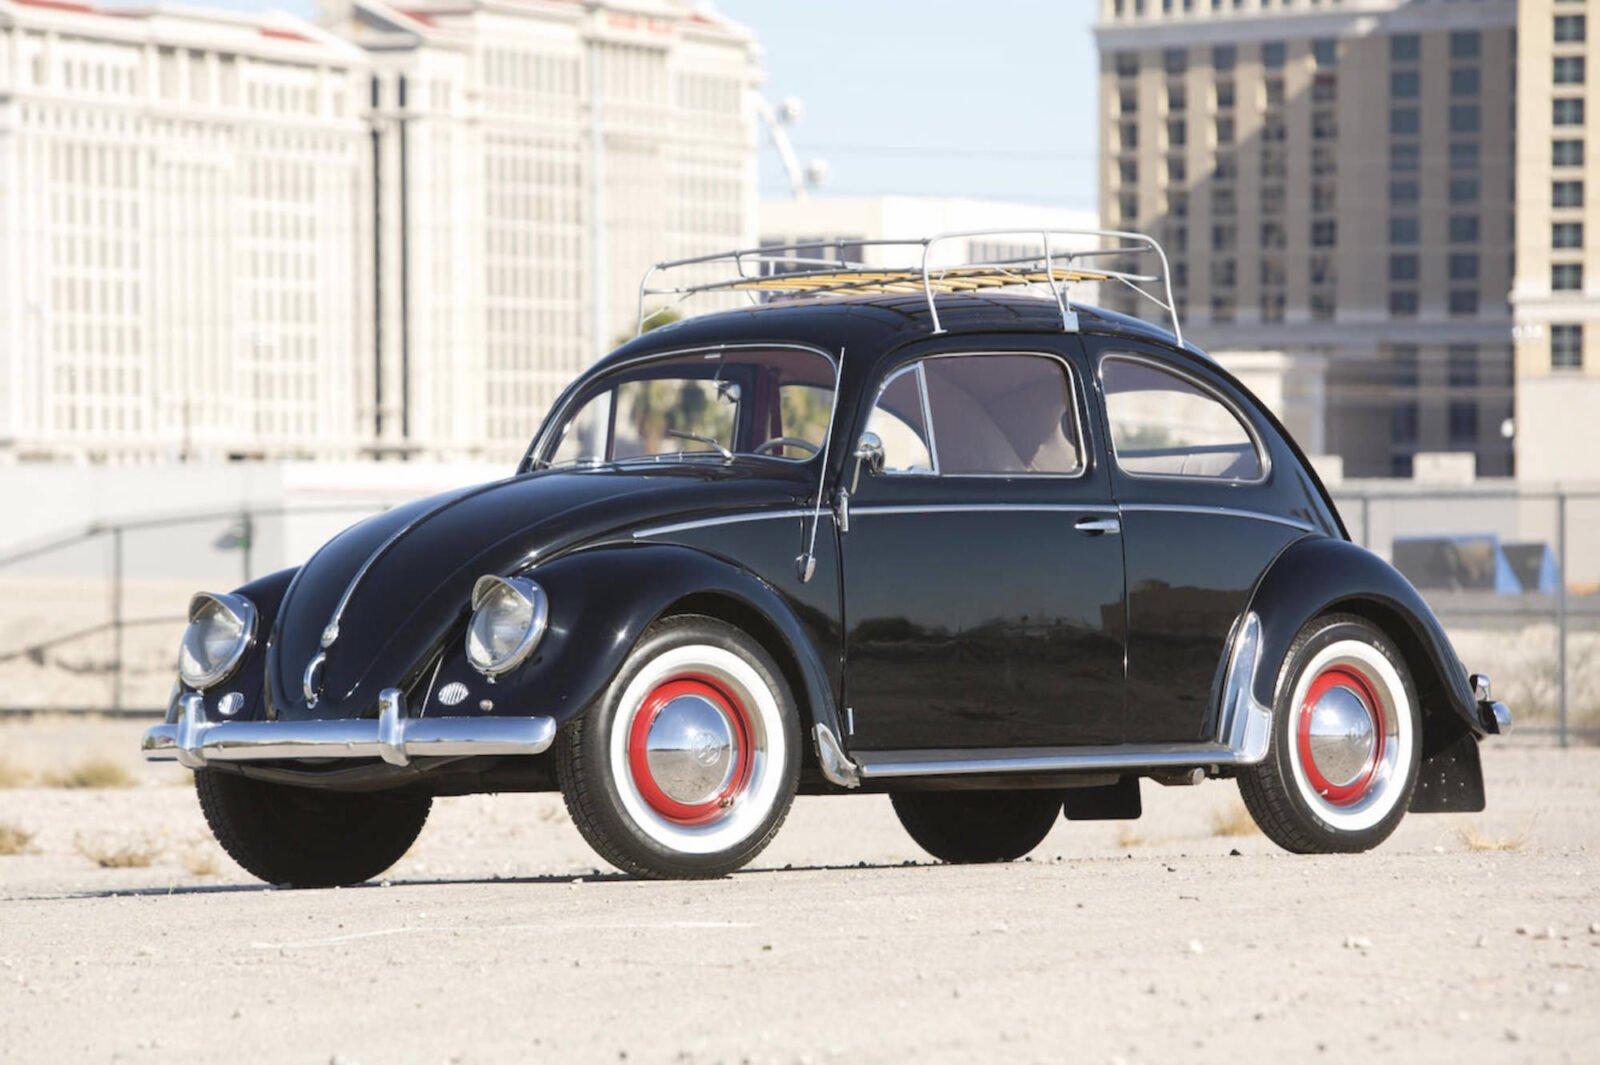 Volkswagen Beetle 9 1600x1065 - Billie Joe Armstrong's 1954 Volkswagen Beetle